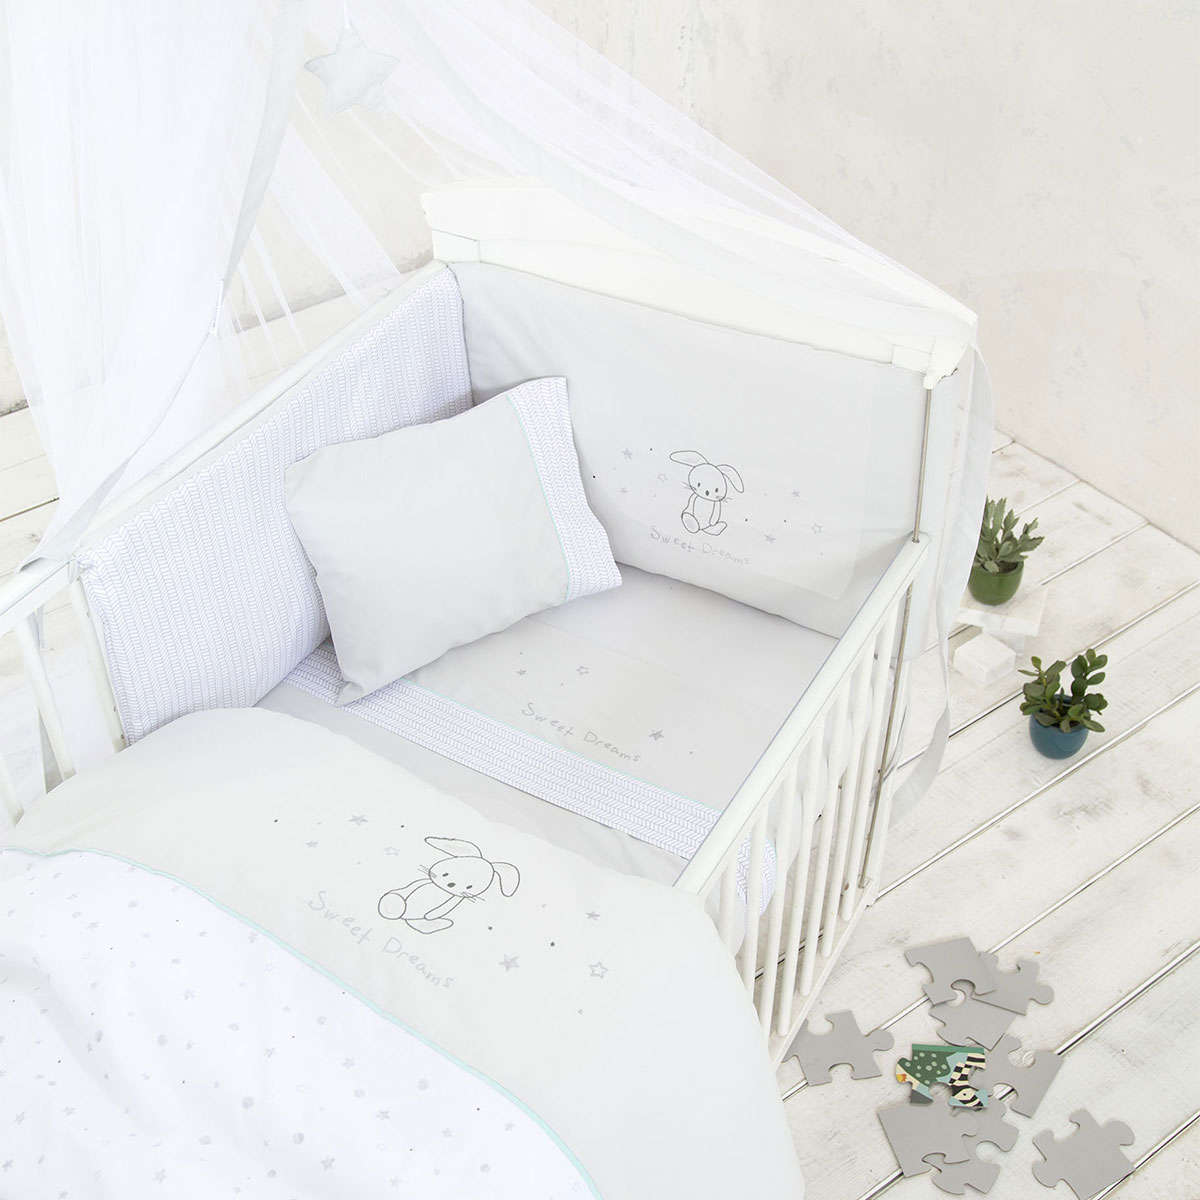 Σεντόνια Βρεφικά Σετ 3τμχ – Baby Bunny Light Grey Nima Κούνιας 120x170cm